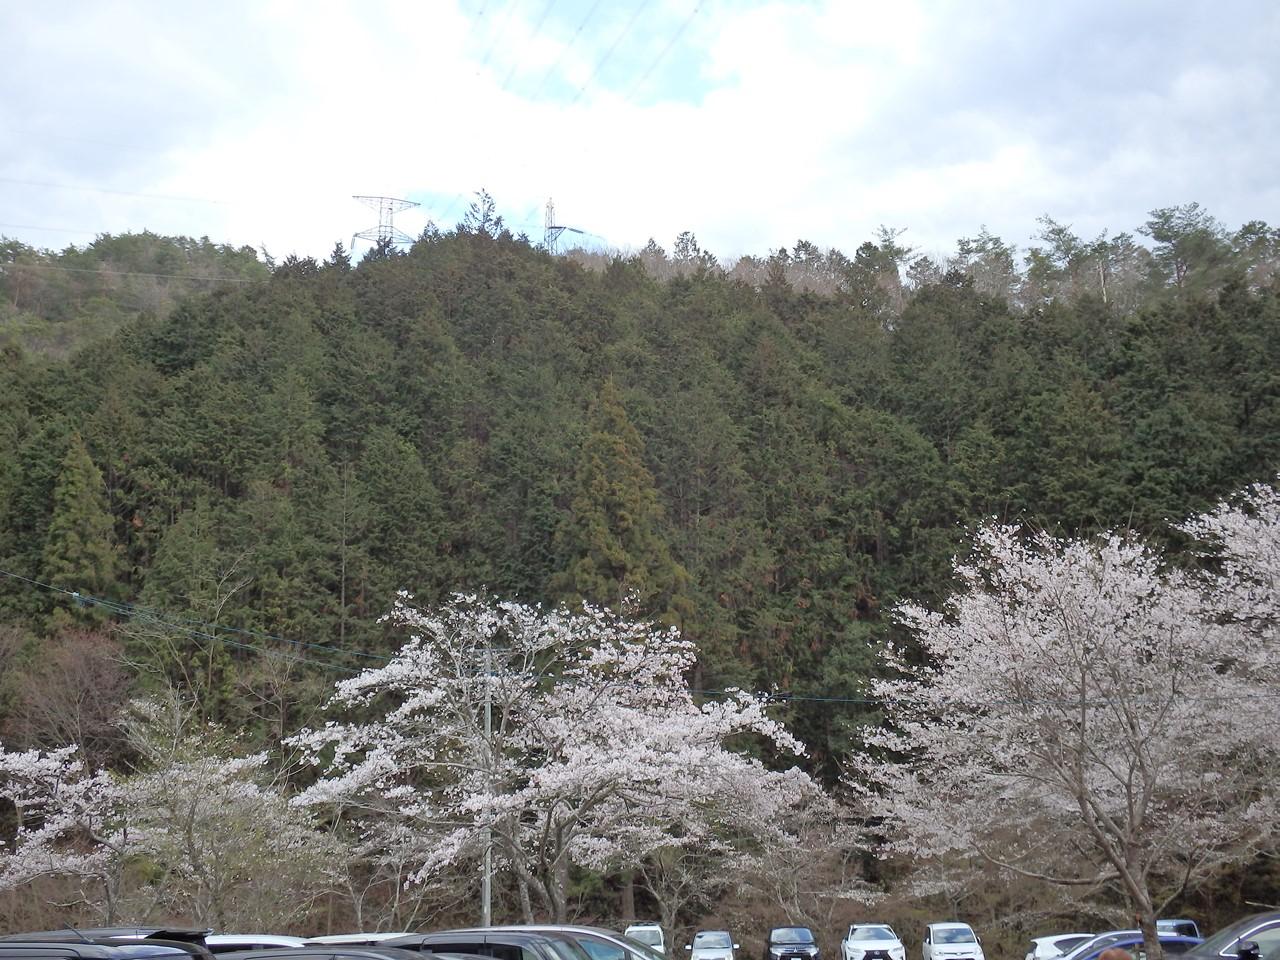 『寺尾ヶ原千本桜公園を歩いて』_d0054276_211598.jpg